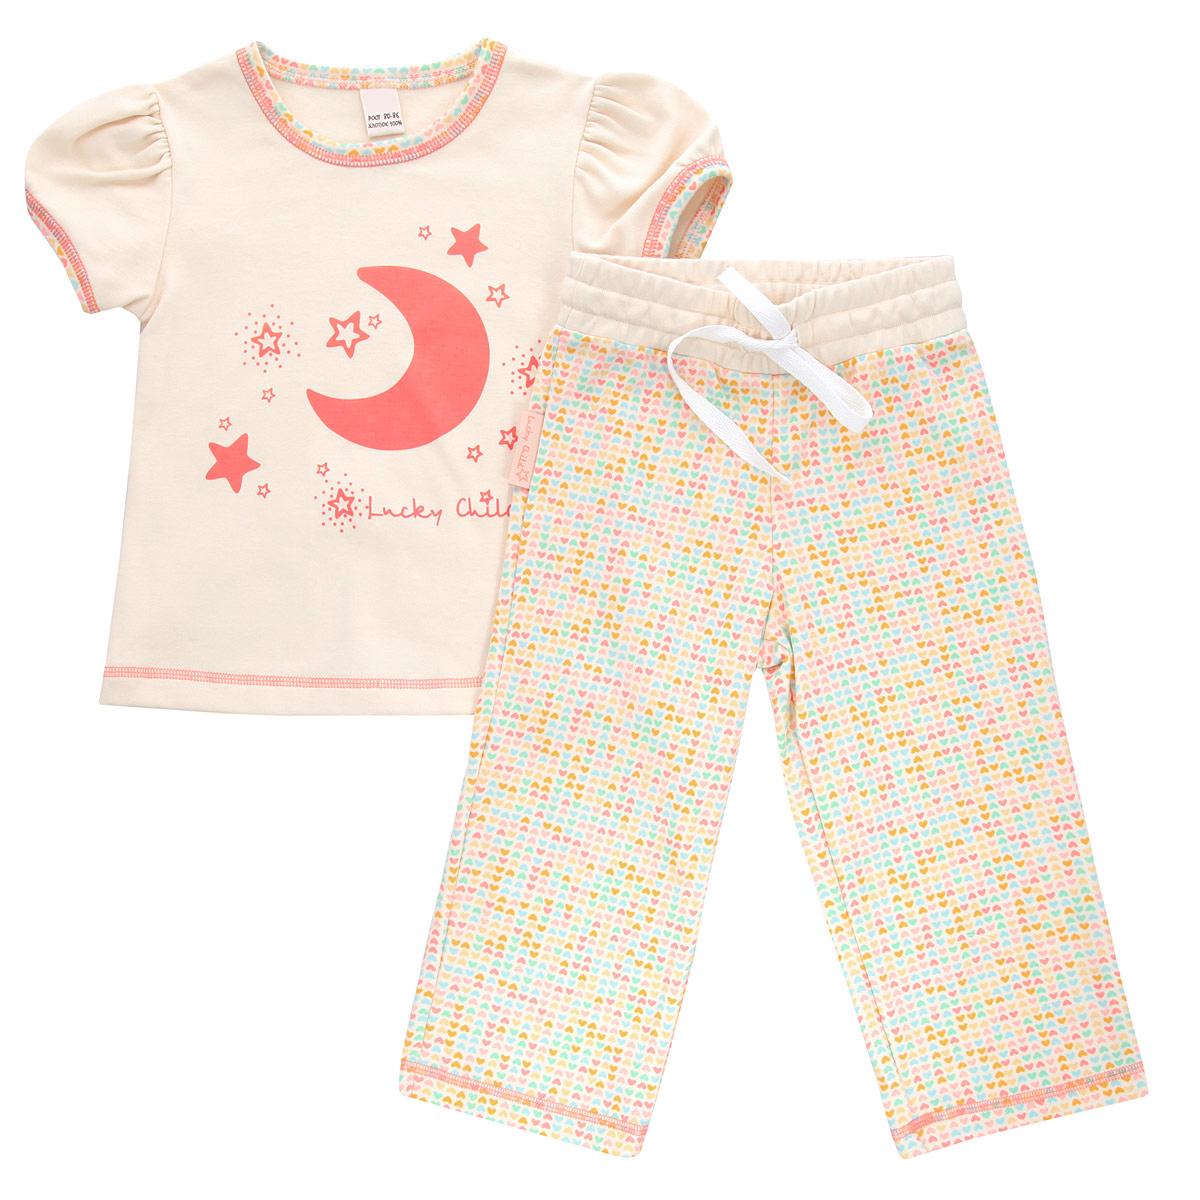 Пижама для девочки Lucky Child, цвет: кремовый, желтый, оранжевый. 12-402. Размер 110/11612-402Очаровательная пижама для девочки Lucky Child, состоящая из футболки и брюк, идеально подойдет вашей дочурке и станет отличным дополнением к детскому гардеробу. Изготовленная из натурального хлопка - интерлока, она необычайно мягкая и приятная на ощупь, не раздражает нежную кожу ребенка и хорошо вентилируется, а эластичные швы приятны телу и не препятствуют его движениям.Футболка трапециевидного кроя с короткими рукавами-фонариками и круглым вырезом горловины оформлена спереди оригинальной термоаппликацией в виде месяца, а также изображением звездочек и названием бренда. Горловина и рукава оформлены принтом с мелким изображением сердечек. Низ изделия оформлен контрастной фигурной прострочкой. Брюки прямого кроя на талии имеют широкий эластичный пояс со шнурком, благодаря чему они не сдавливают животик ребенка и не сползают. Оформлены брюки принтом с мелким изображением сердечек по всей поверхности. Низ брючин оформлен контрастной фигурной прострочкой. Такая пижама идеально подойдет вашей дочурке, а мягкие полотна позволят ей комфортно чувствовать себя во время сна!